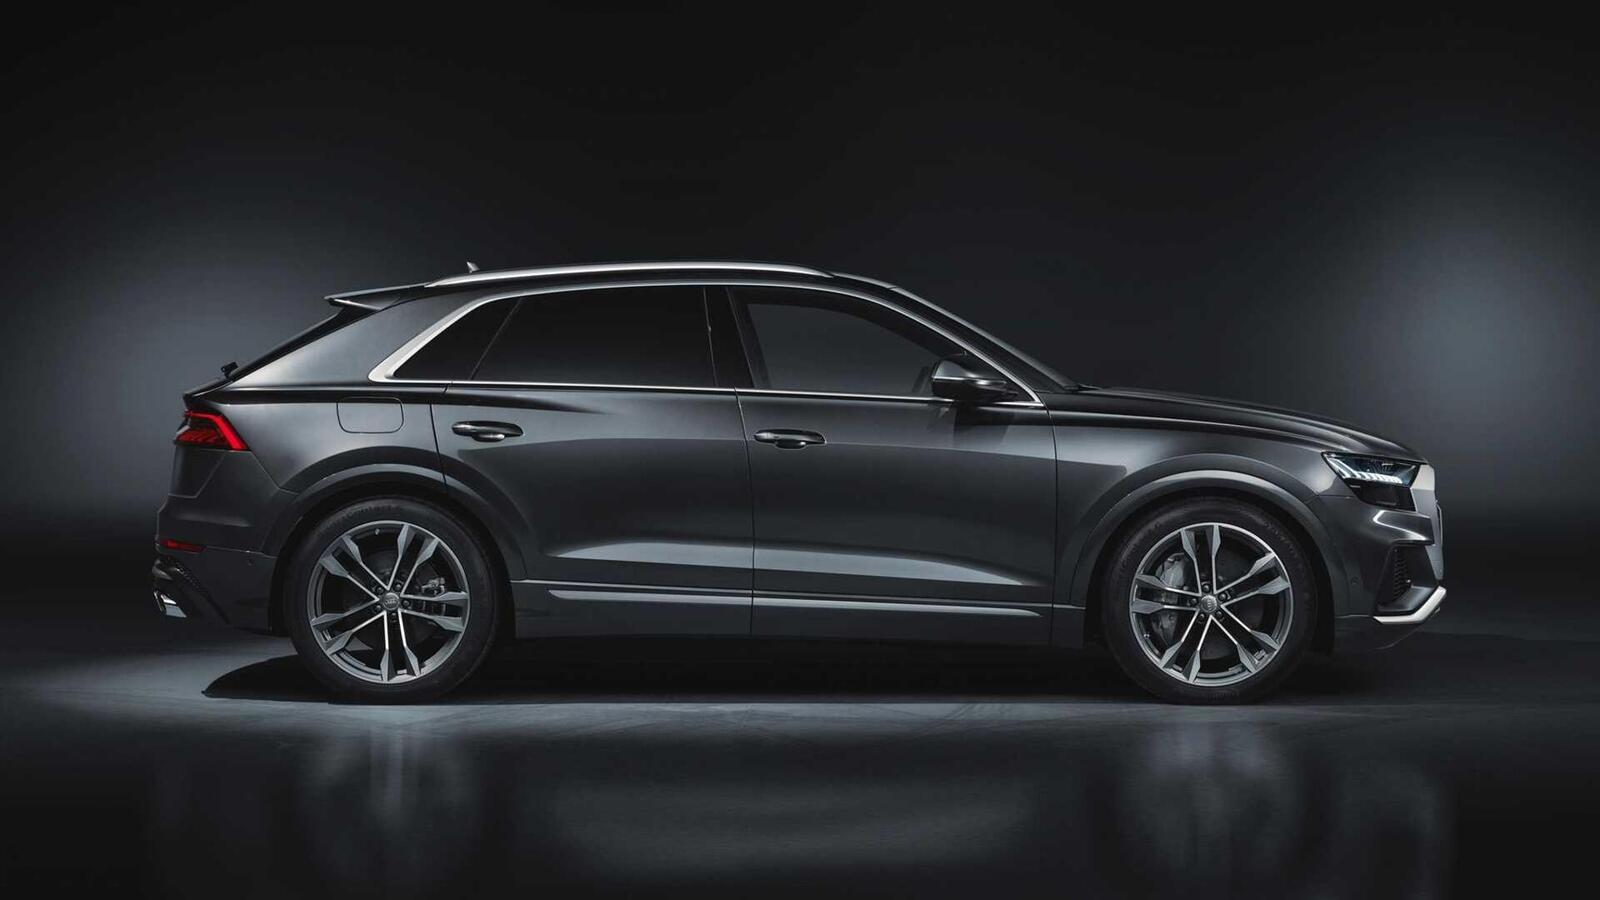 Audi SQ8 ra mắt lắp máy dầu V8 4.0L mild hybrid mạnh 429 mã lực - Hình 10